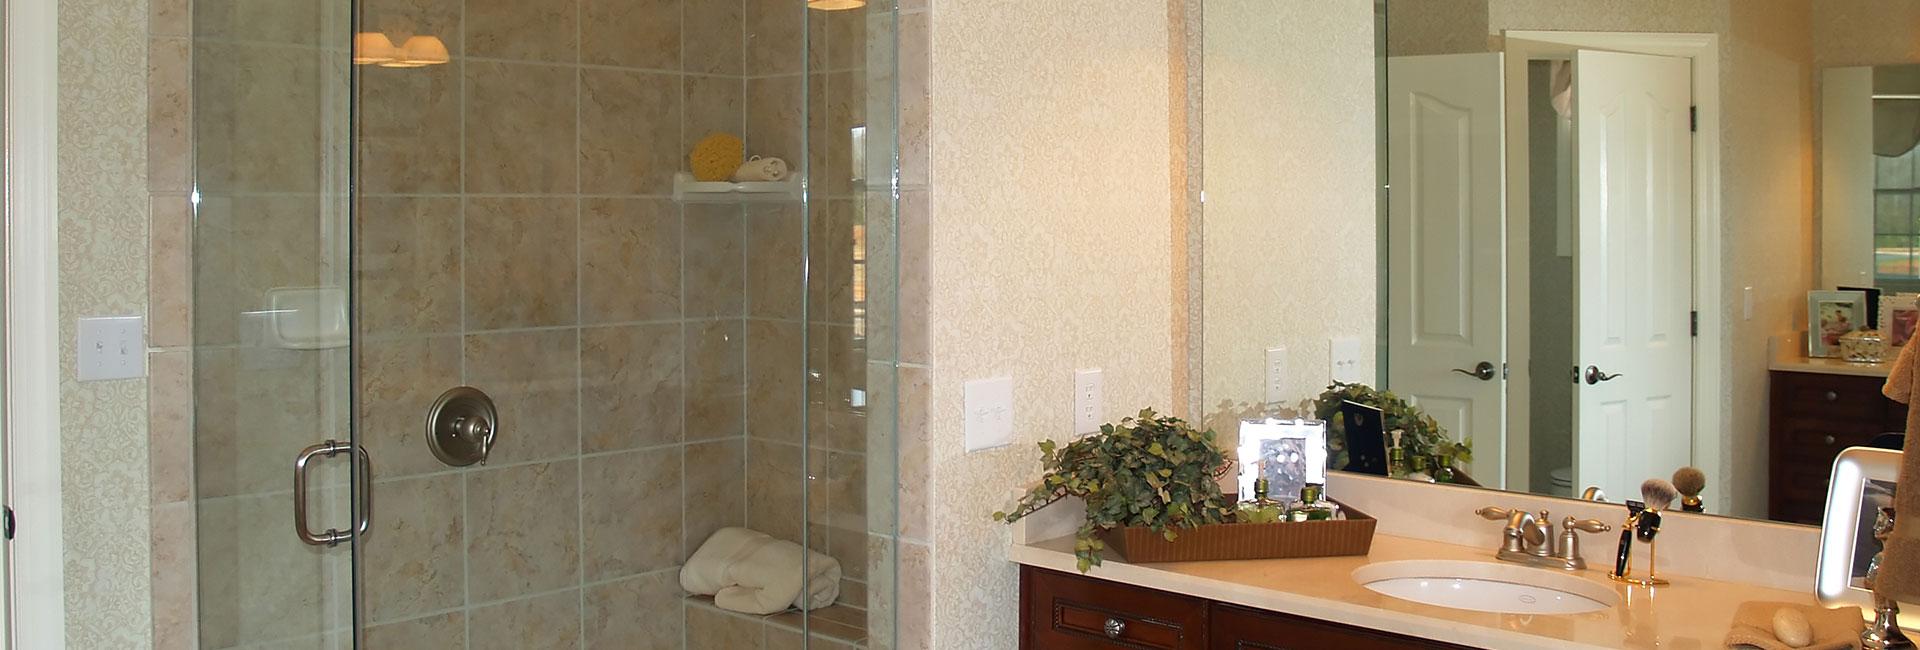 Shower enclosure in bathroom